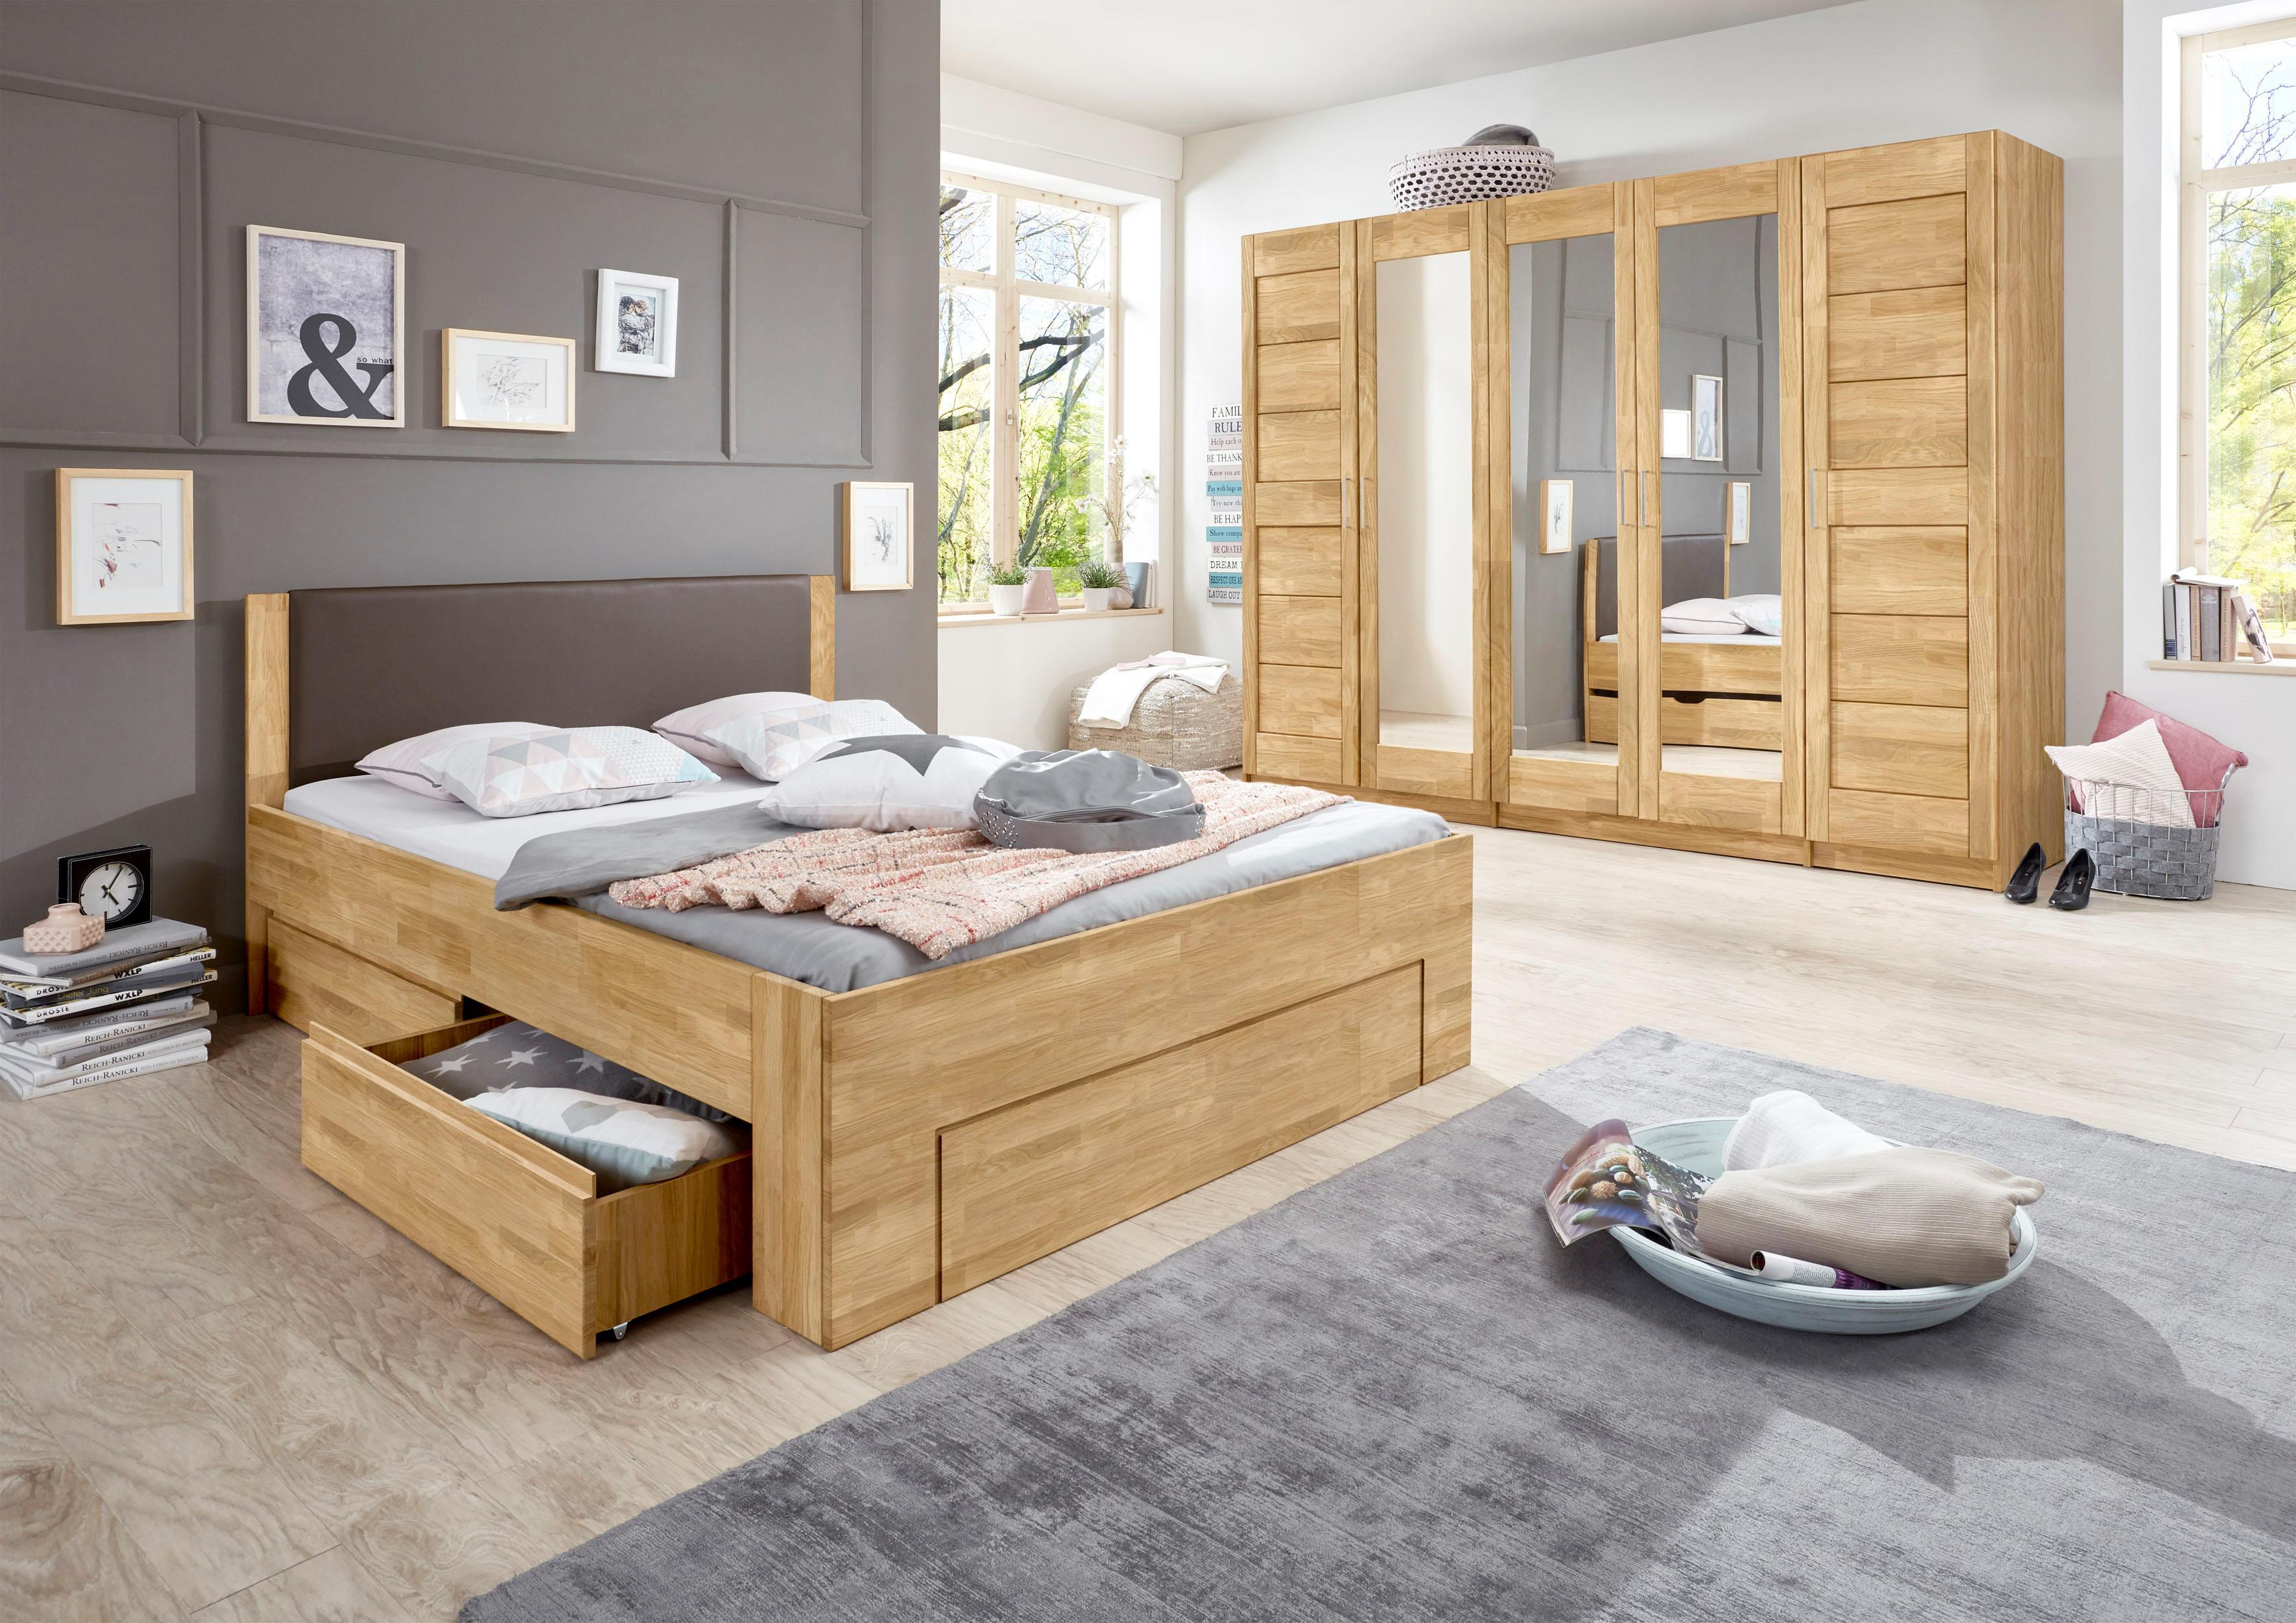 home-affaire Massivholzbetten online kaufen   Möbel ...